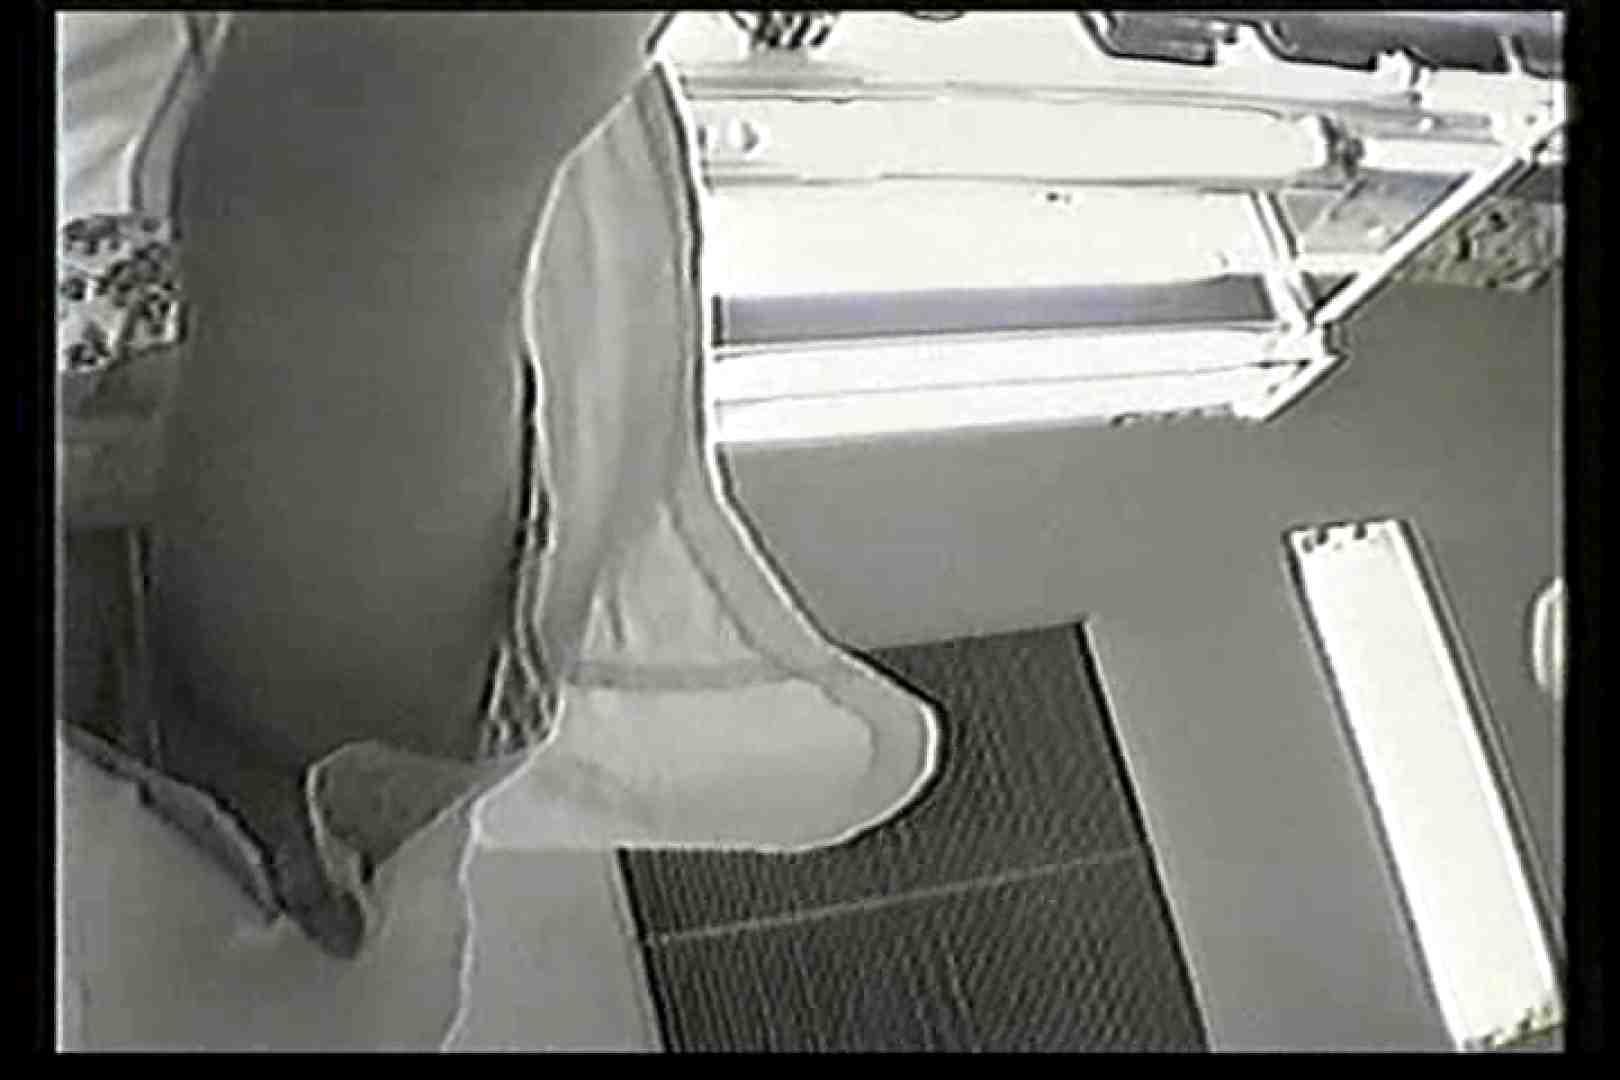 院内密着!看護婦達の下半身事情Vol.2 エッチな盗撮 アダルト動画キャプチャ 94pic 83